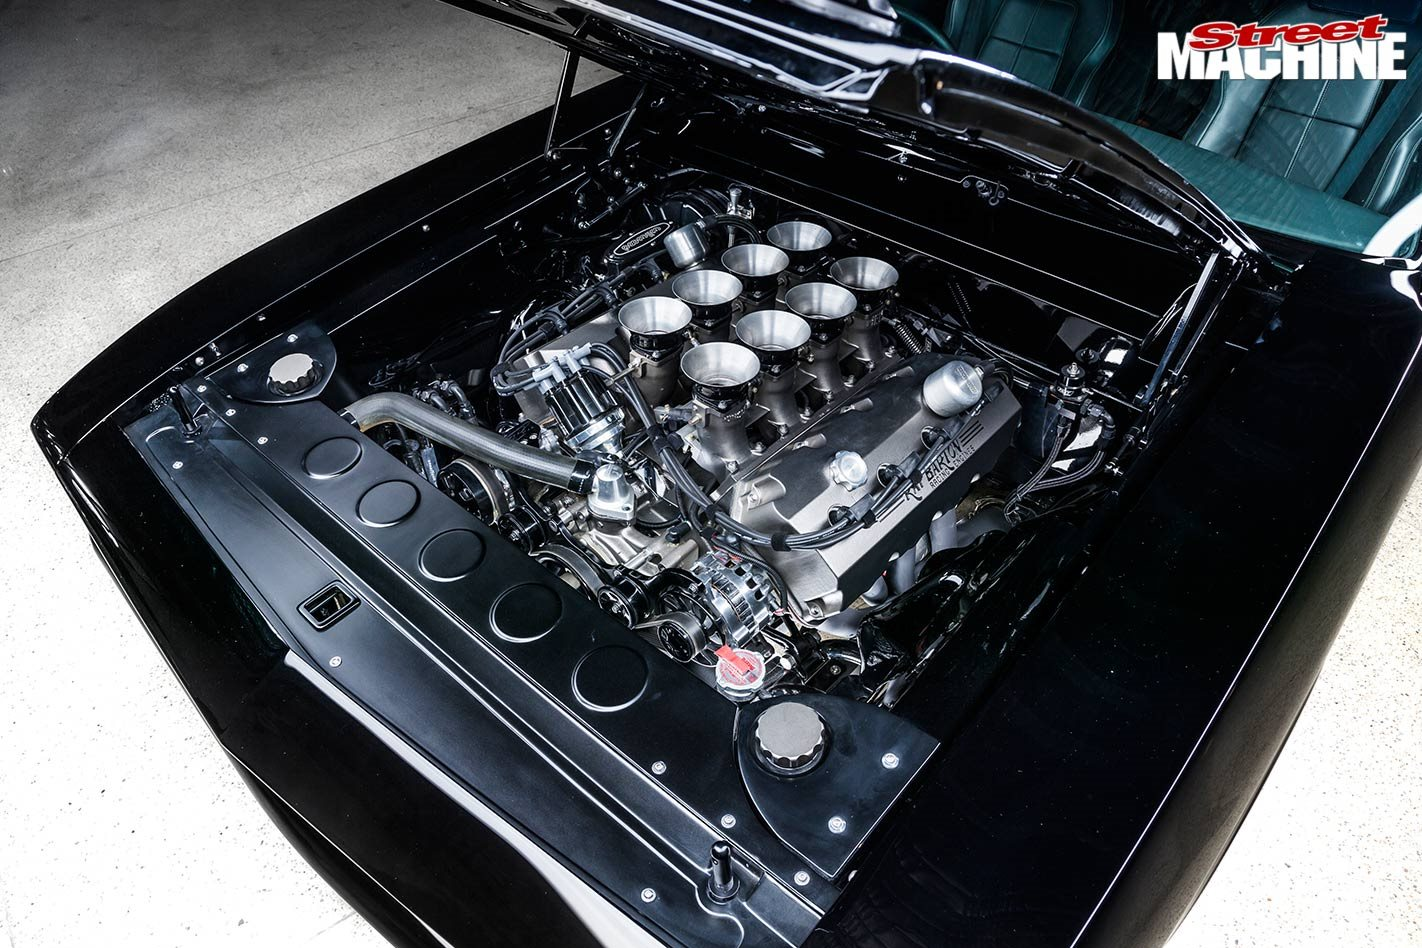 Plymouth Barracuda engine bay